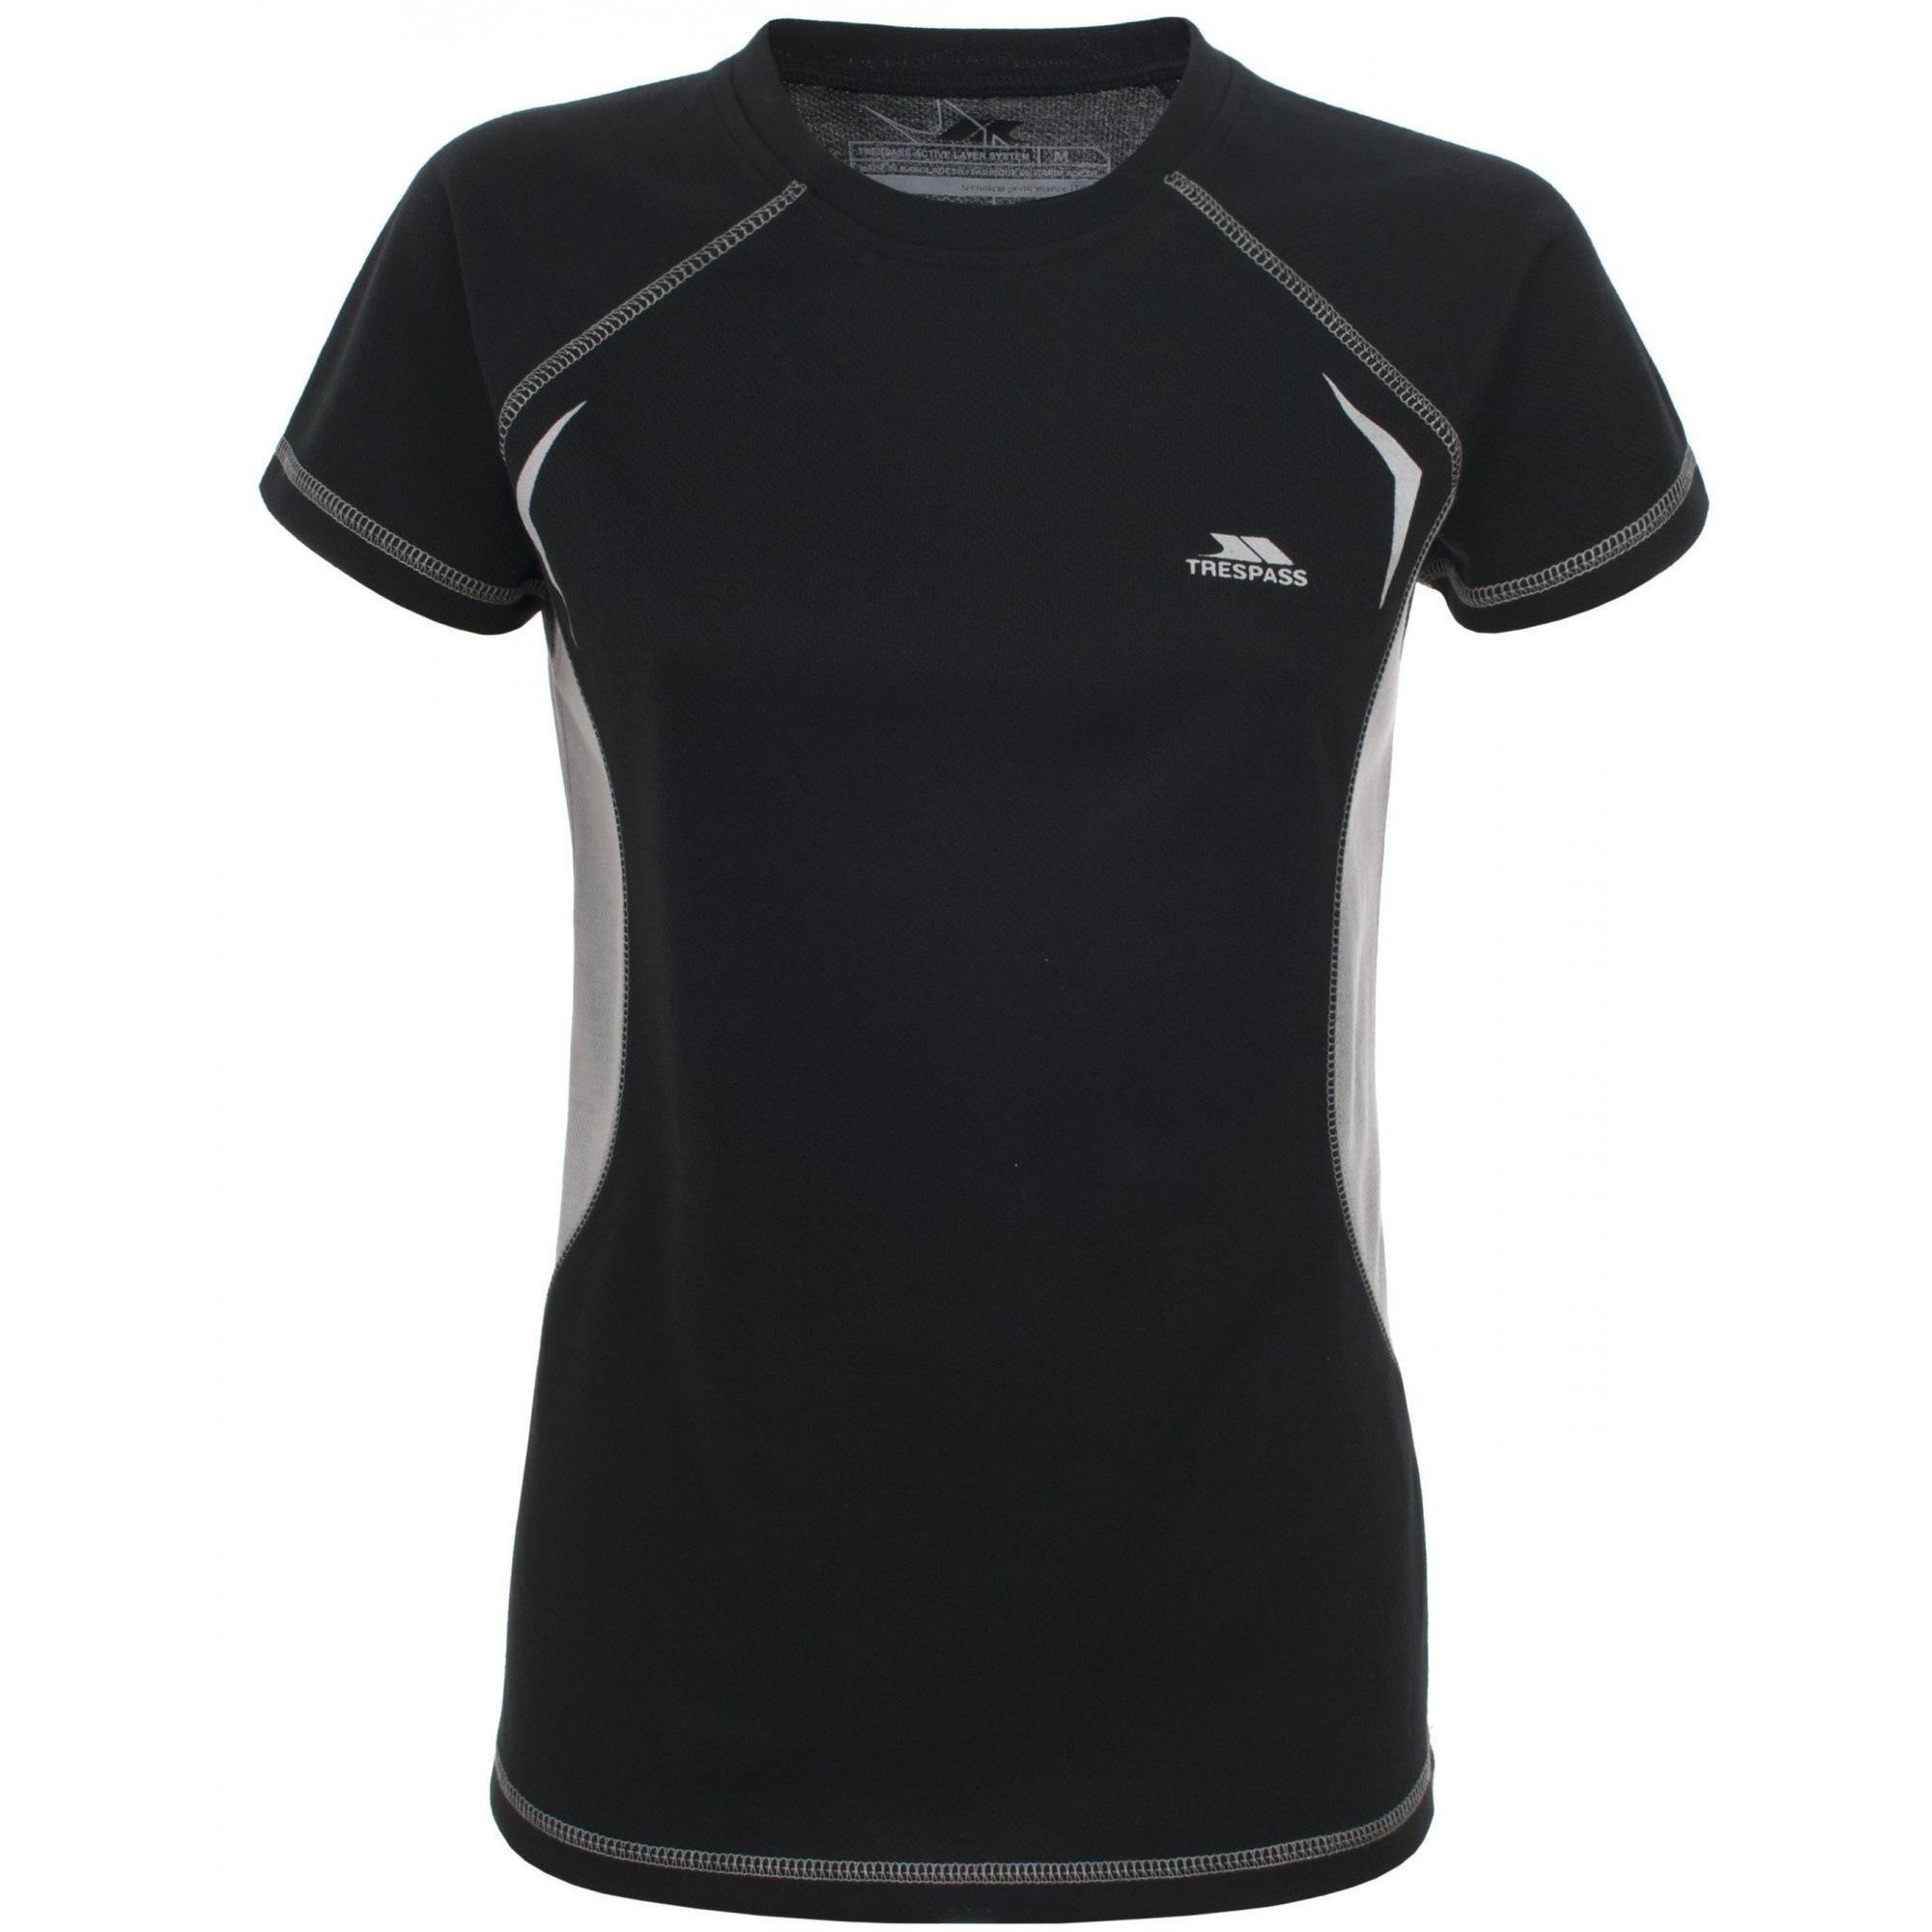 Trespass T-Shirt Damen Emmie Active Baselayer-Top kurzärmlig